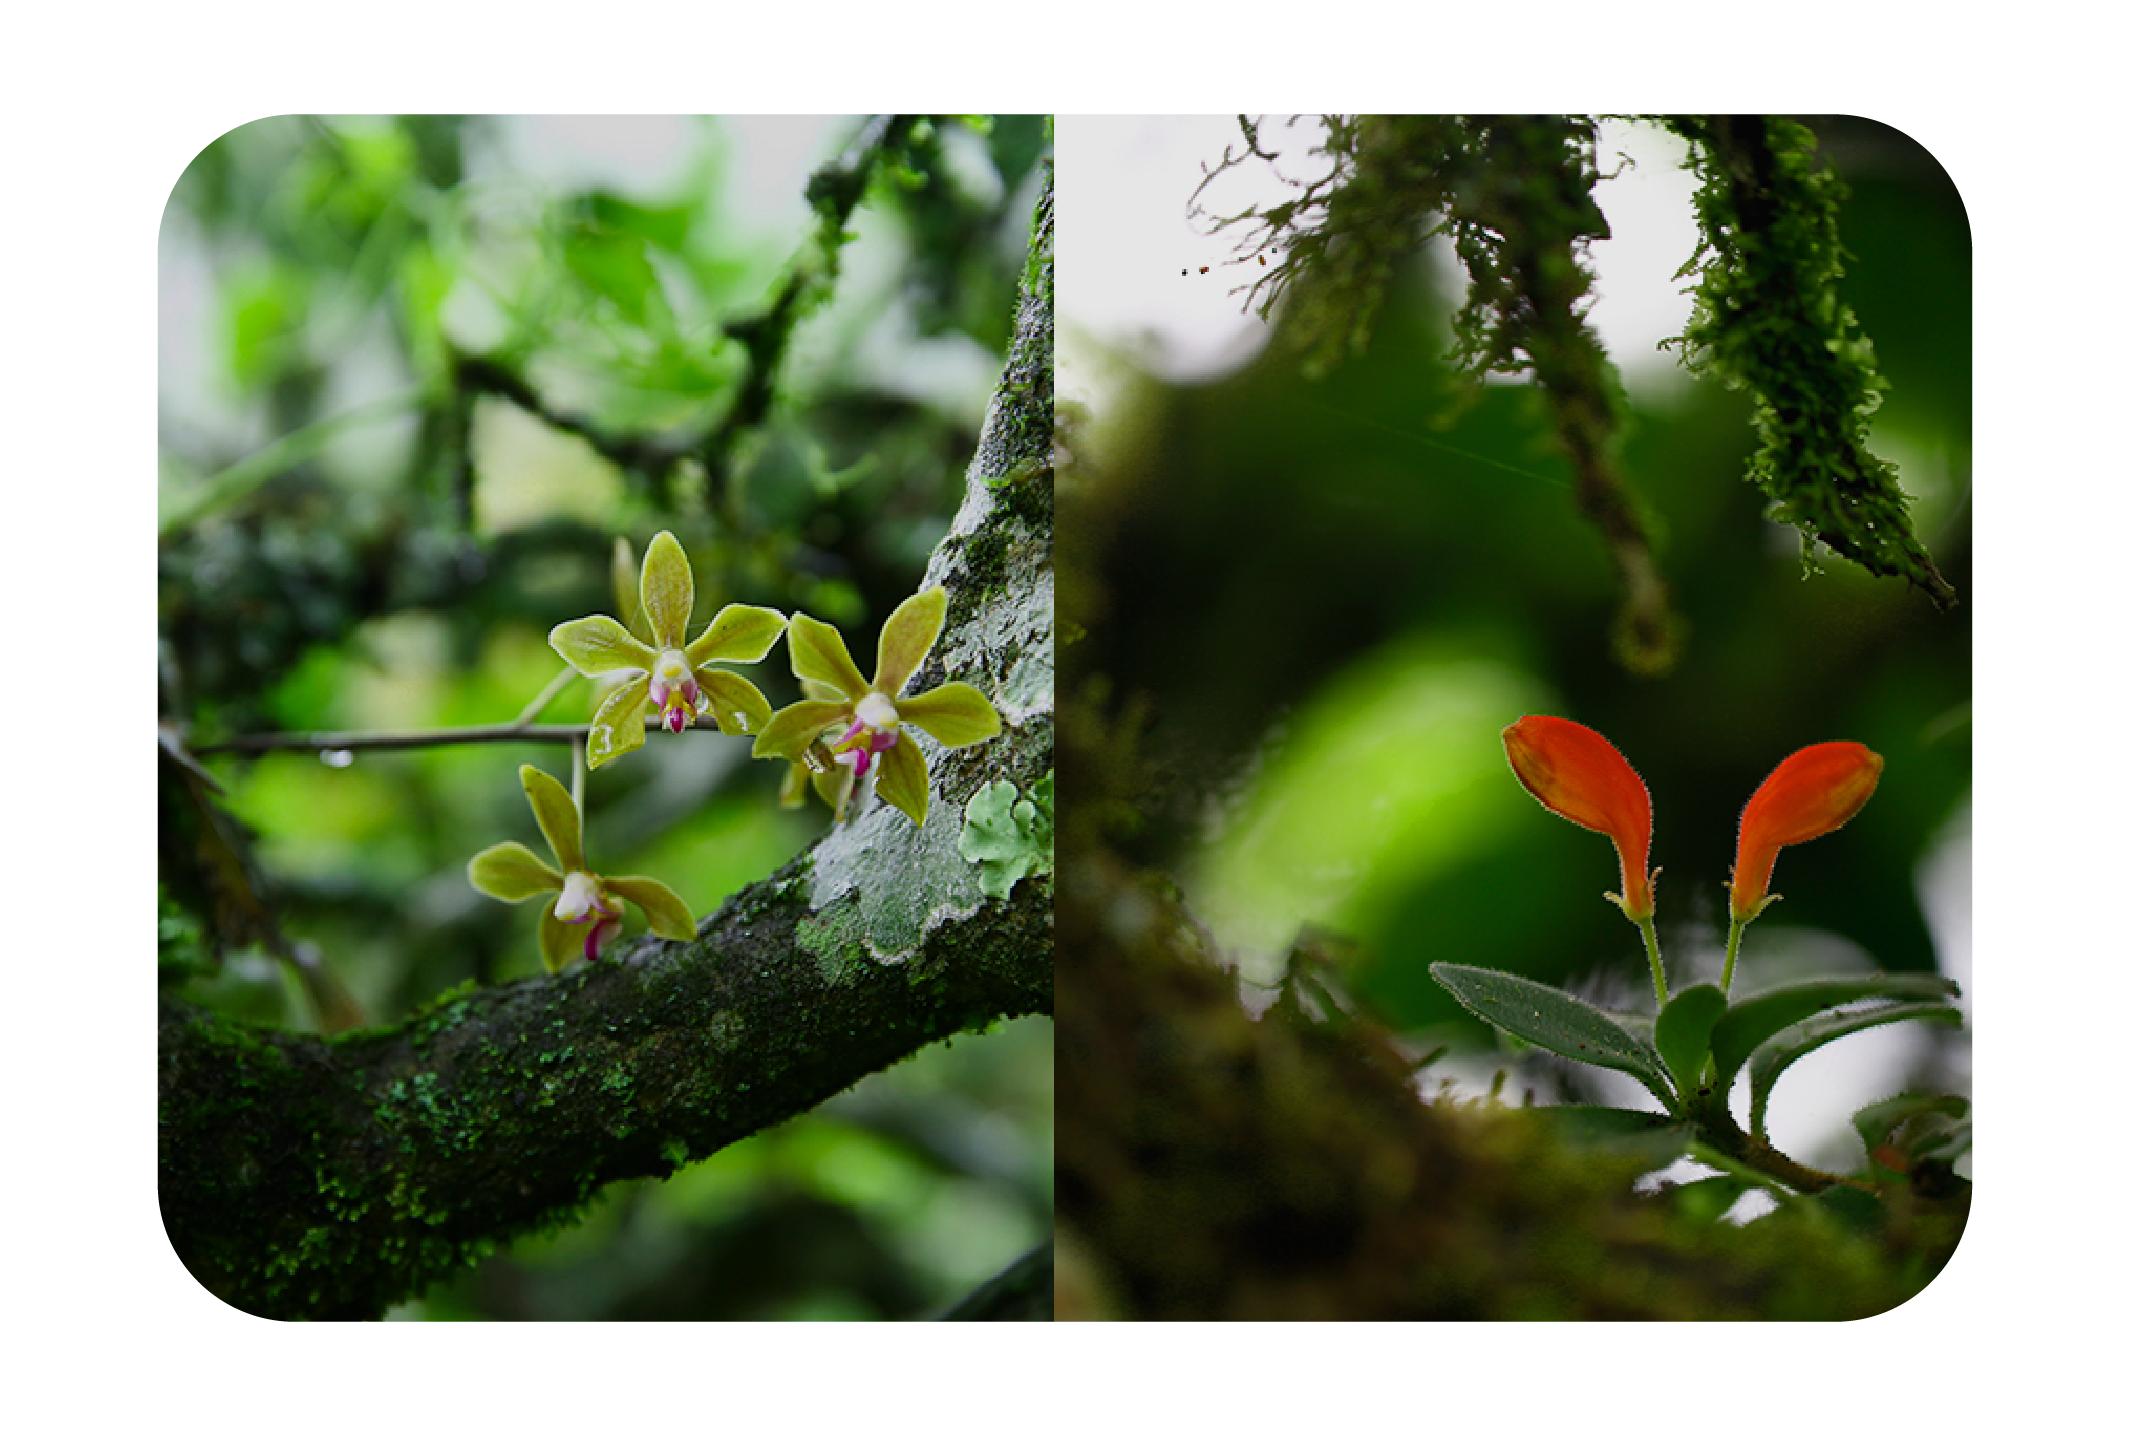 古樹茶野生大樹種生長環境